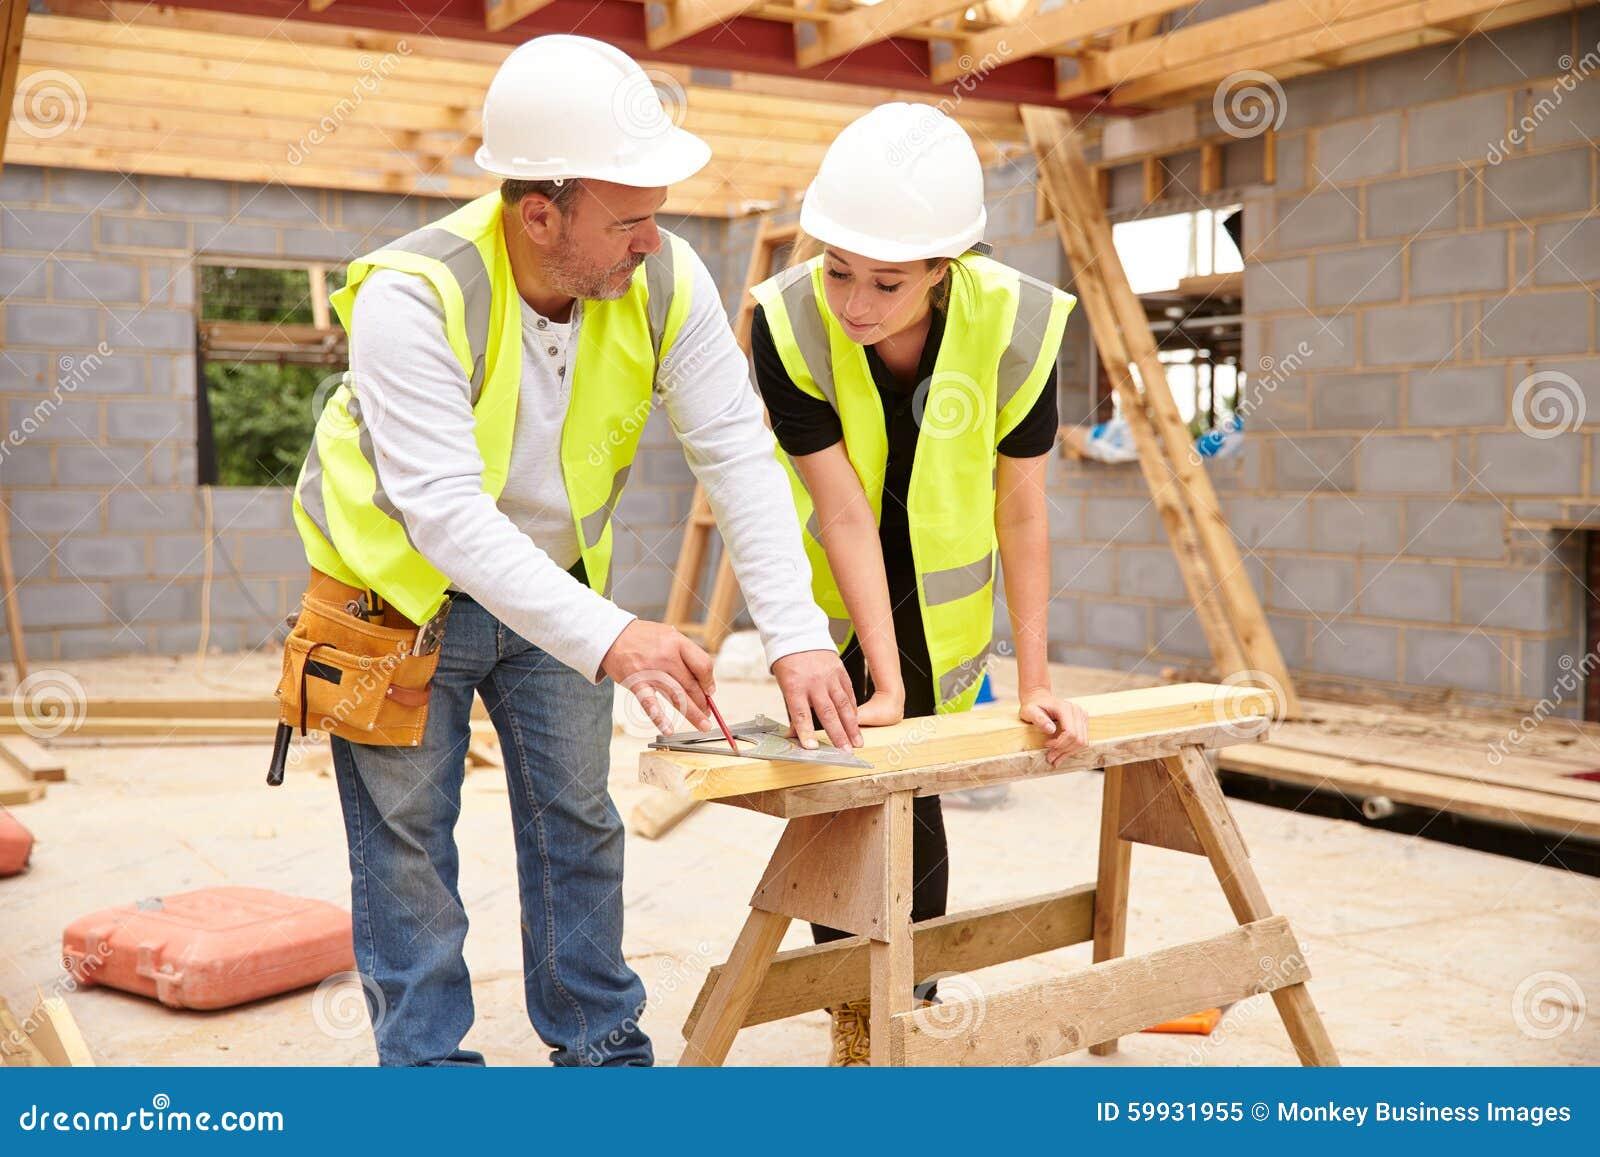 Tischler With Female Apprentice, das an Baustelle arbeitet